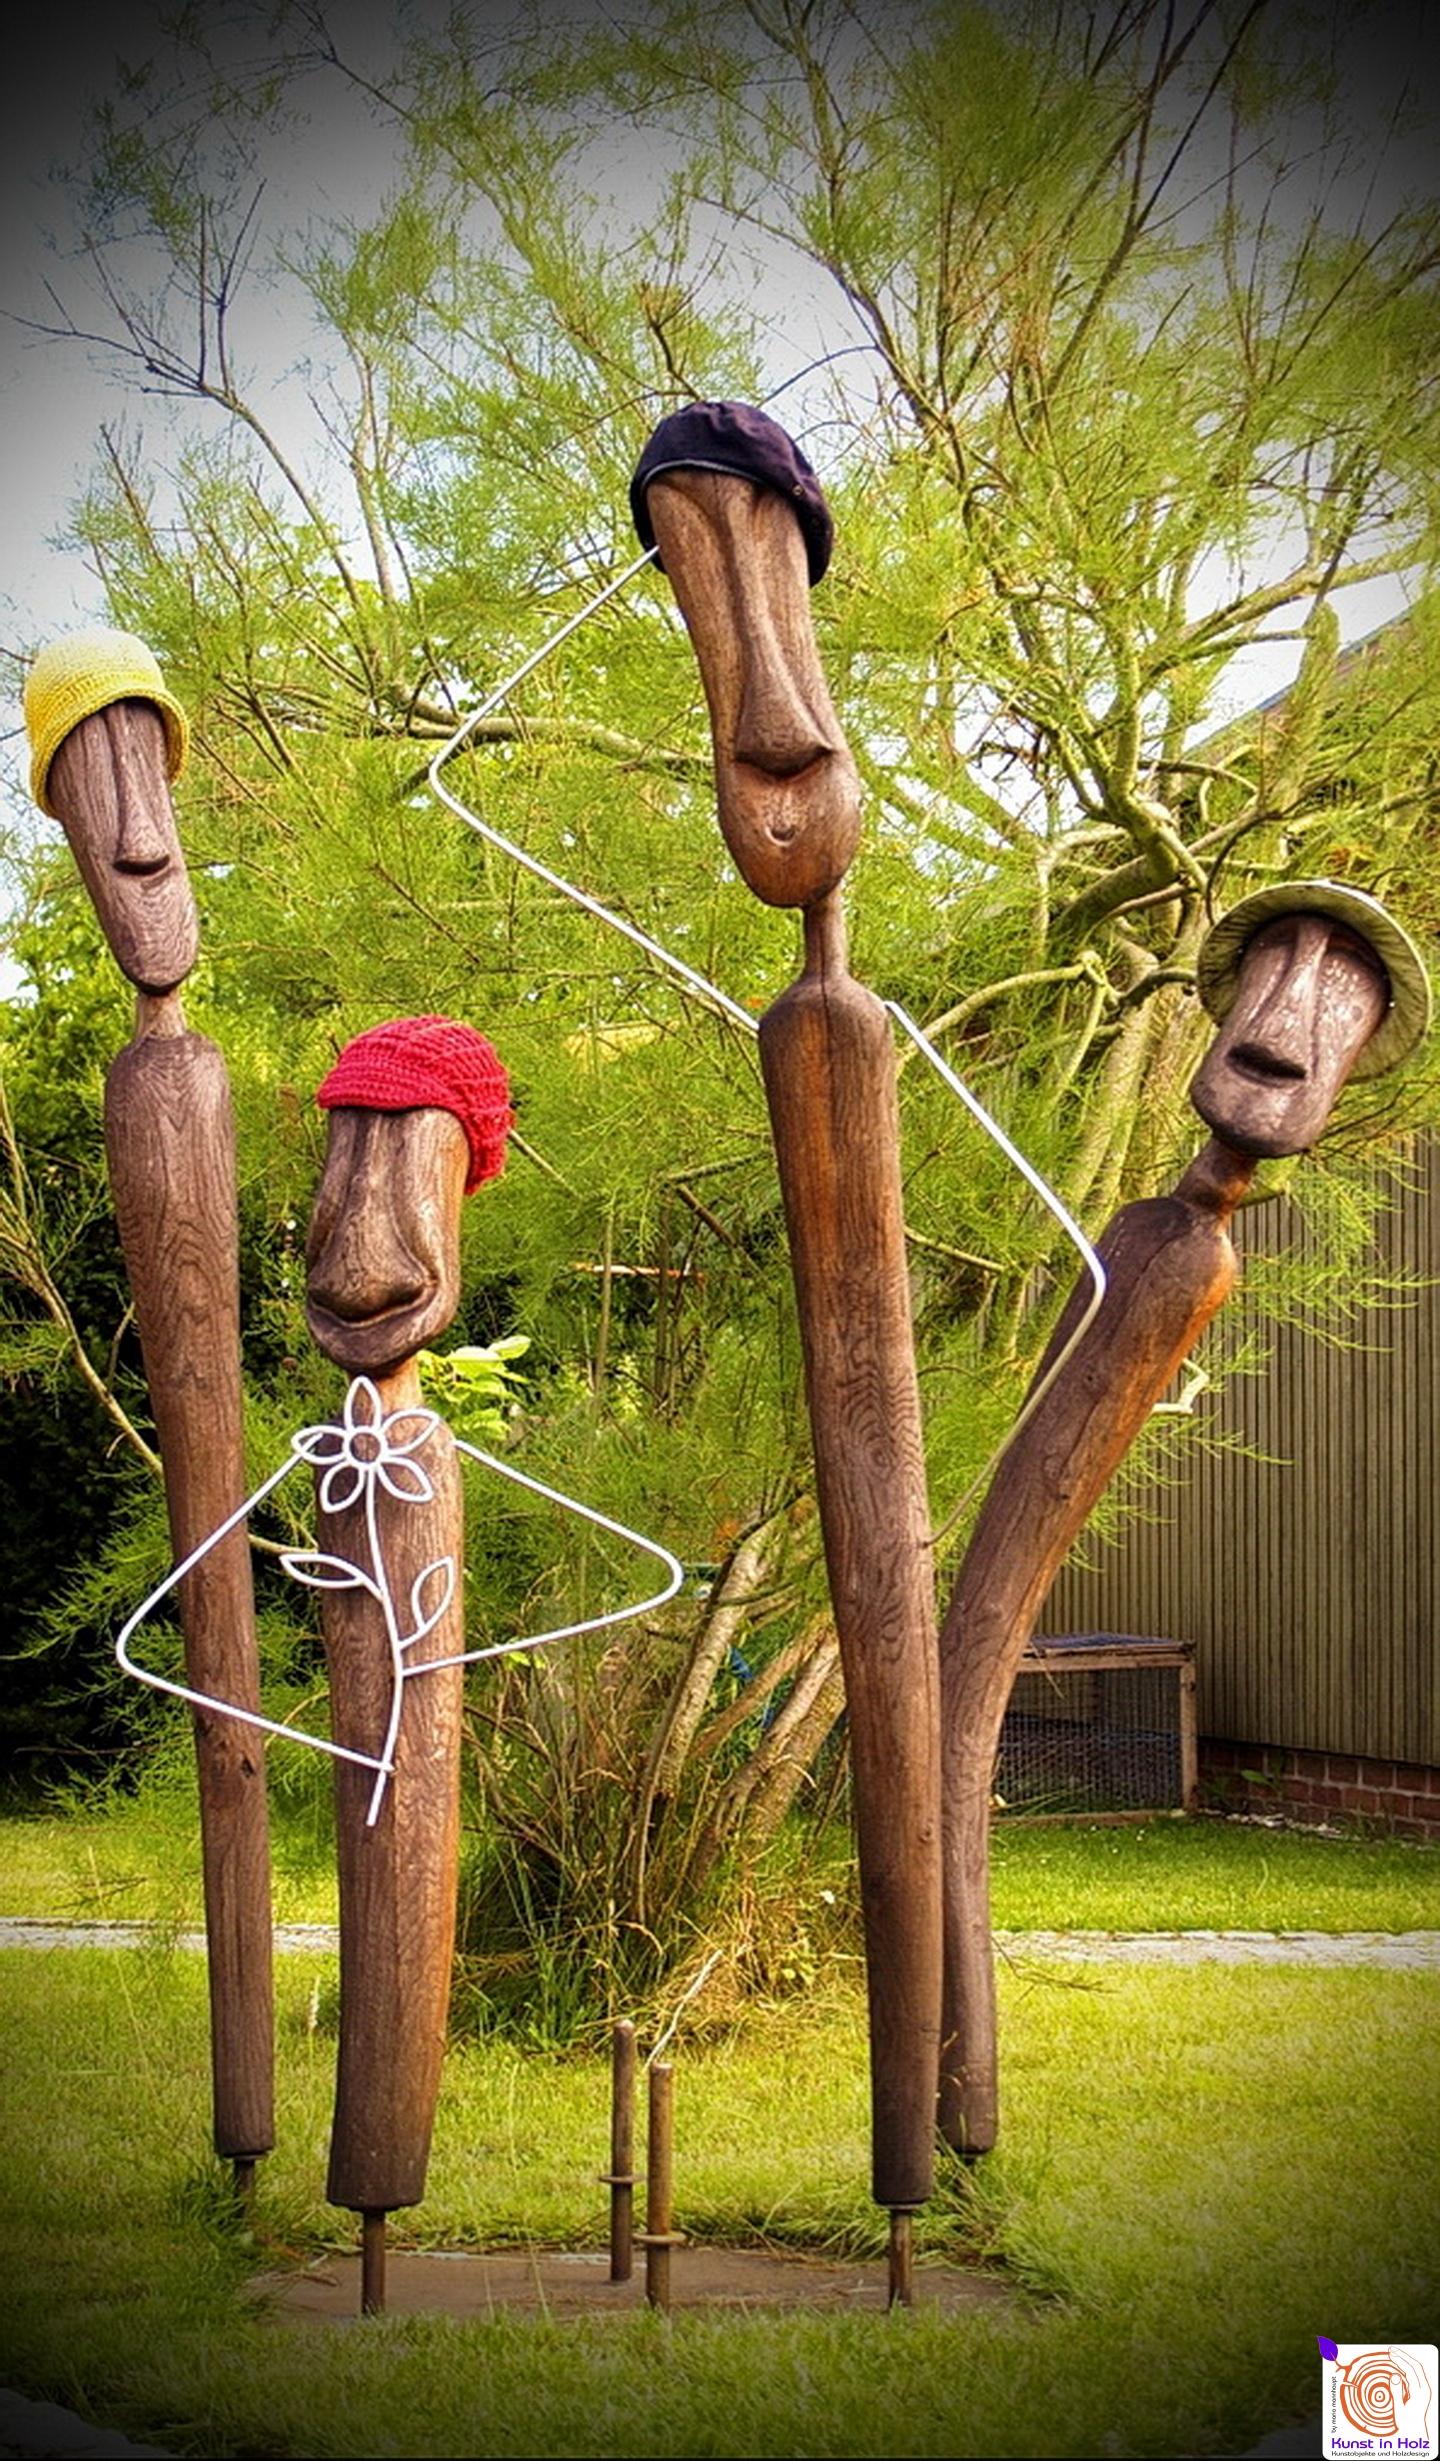 gartenskulpturen gestalten 2011 02